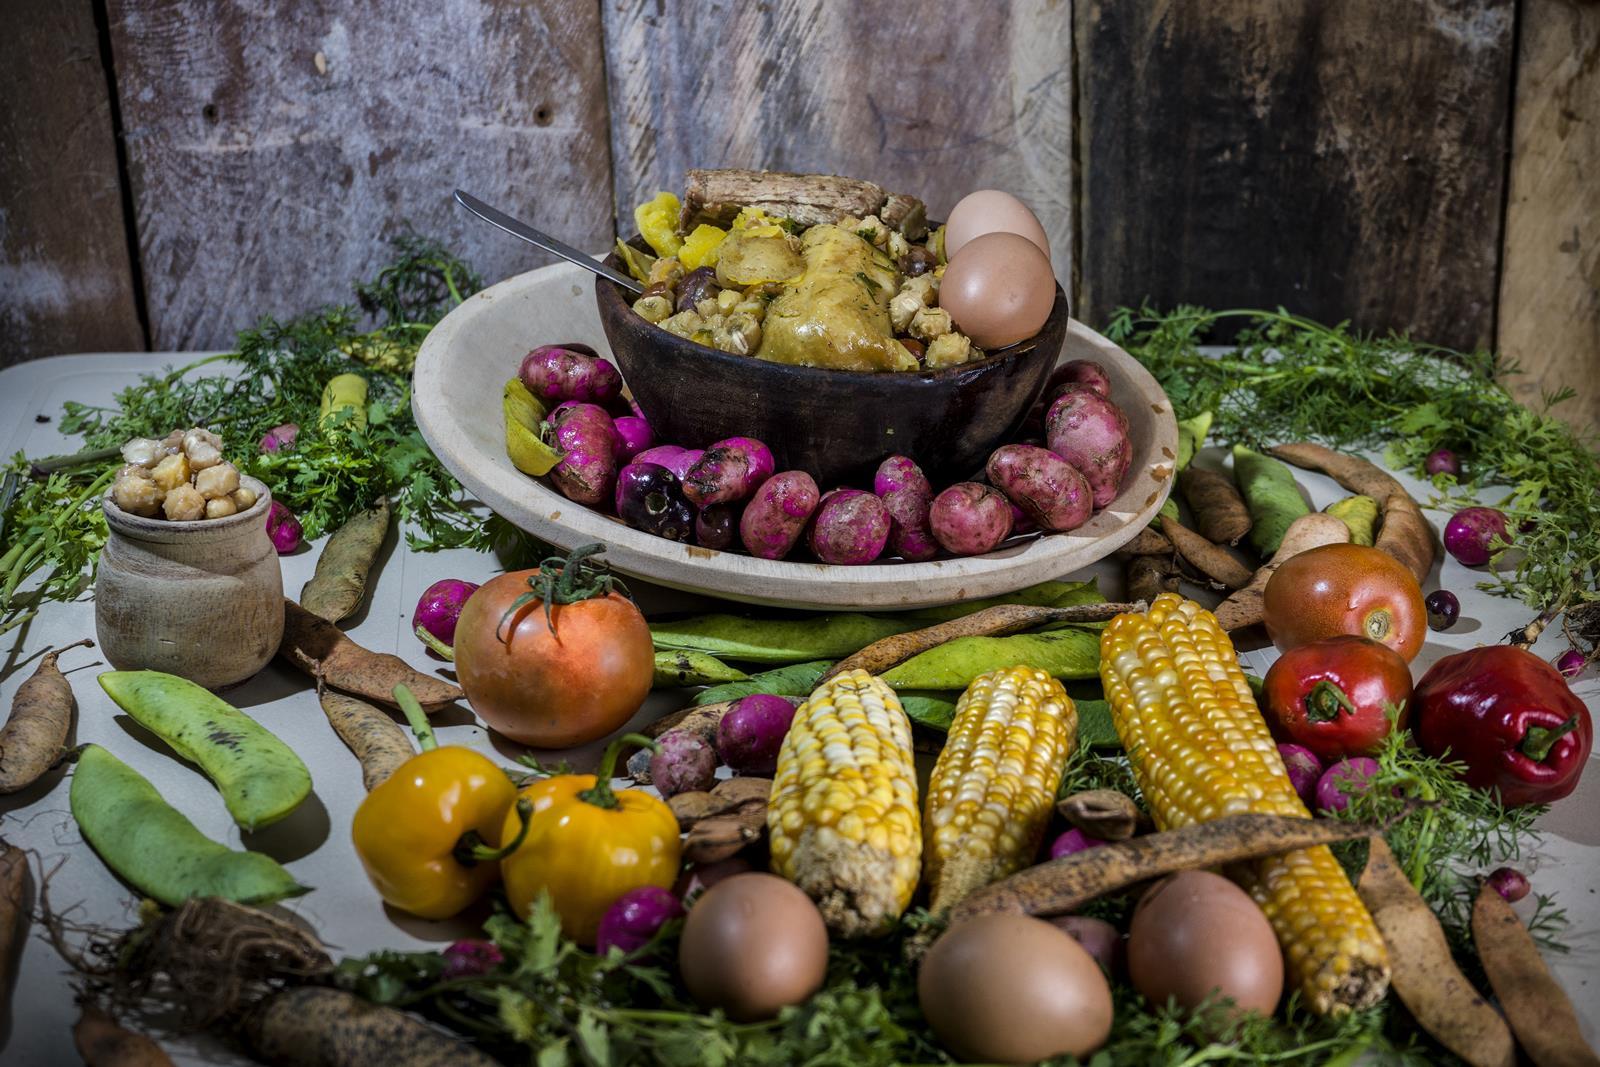 Ingredientes: Maíz, frijol, olluco, cebolla, cilantro, frijol, ají, tomate, huevo, carne de res, gallina de campo.